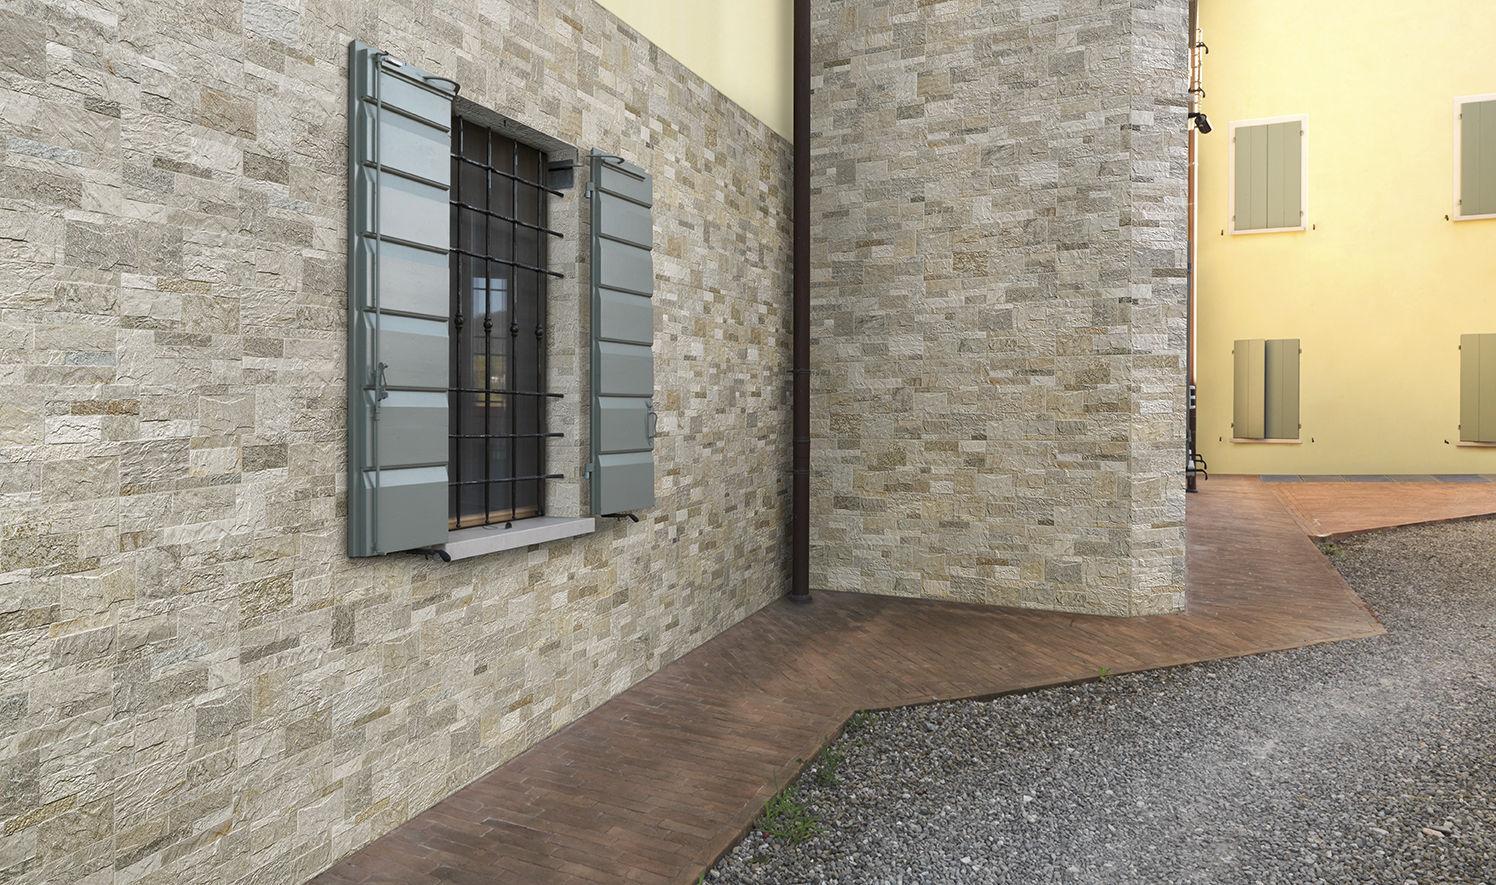 Carrelage D'extérieur - Rockstyle : R-Silver - Fiordo - D ... tout Carrelage Pour Mur Extérieur